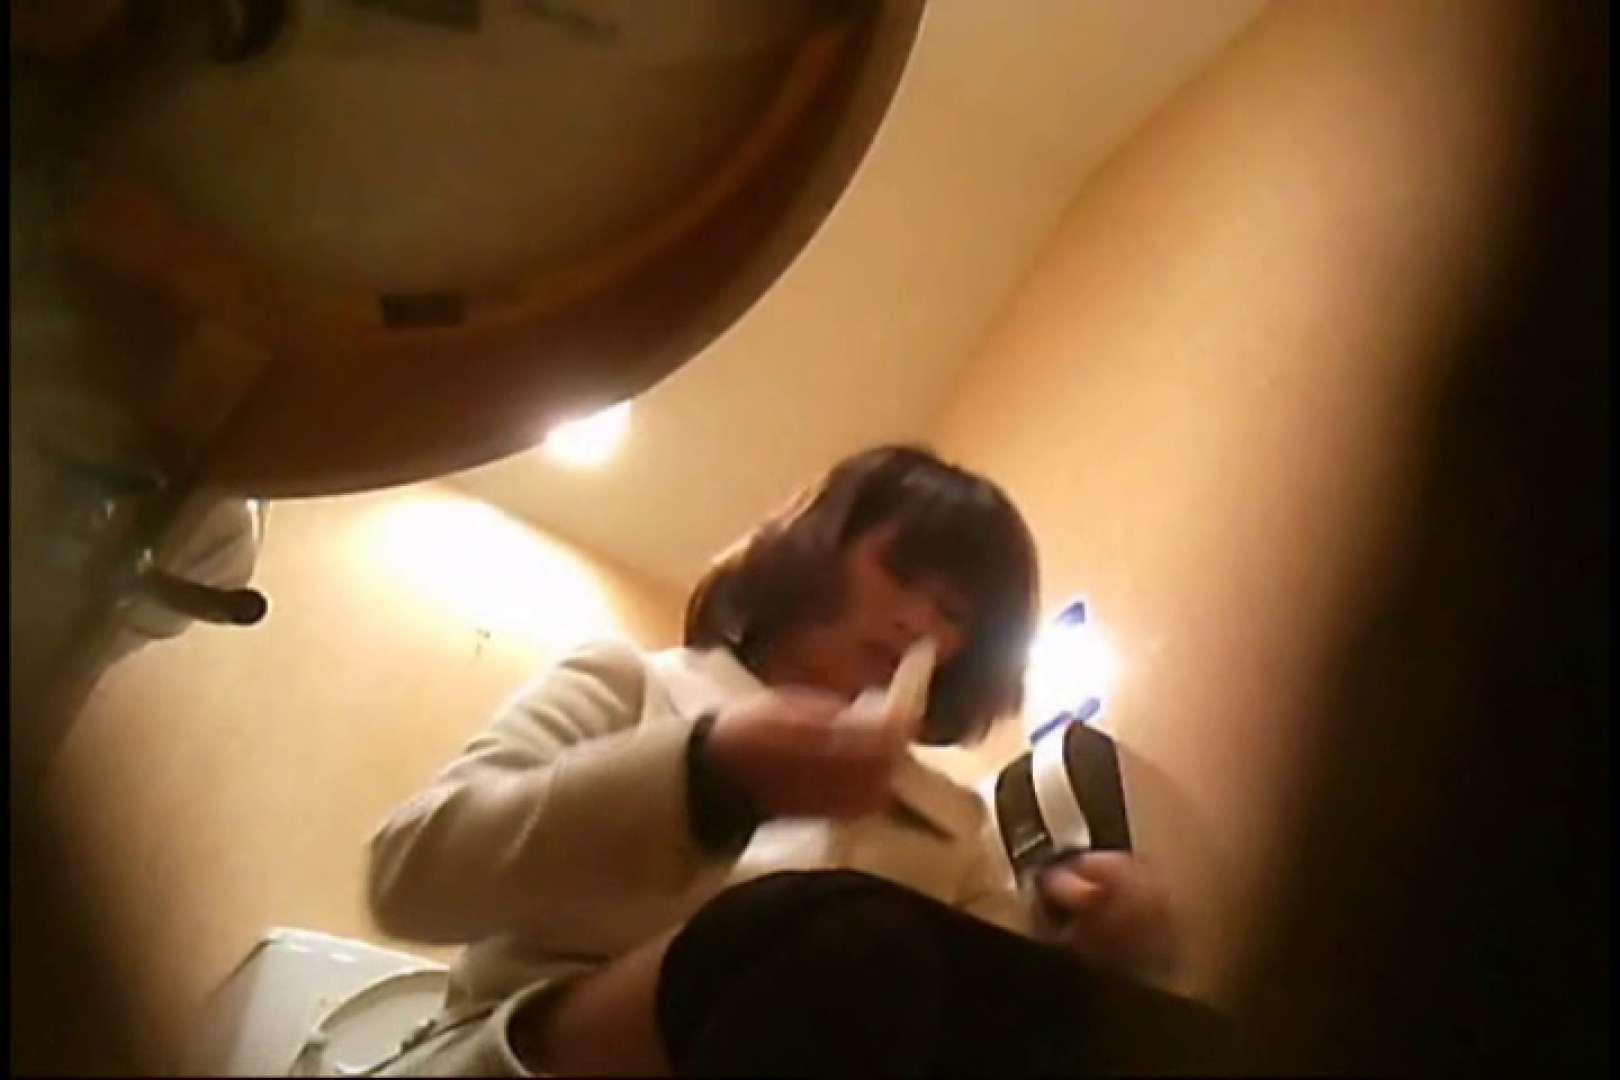 画質向上!新亀さん厠 vol.17 無修正オマンコ ワレメ動画紹介 85画像 21